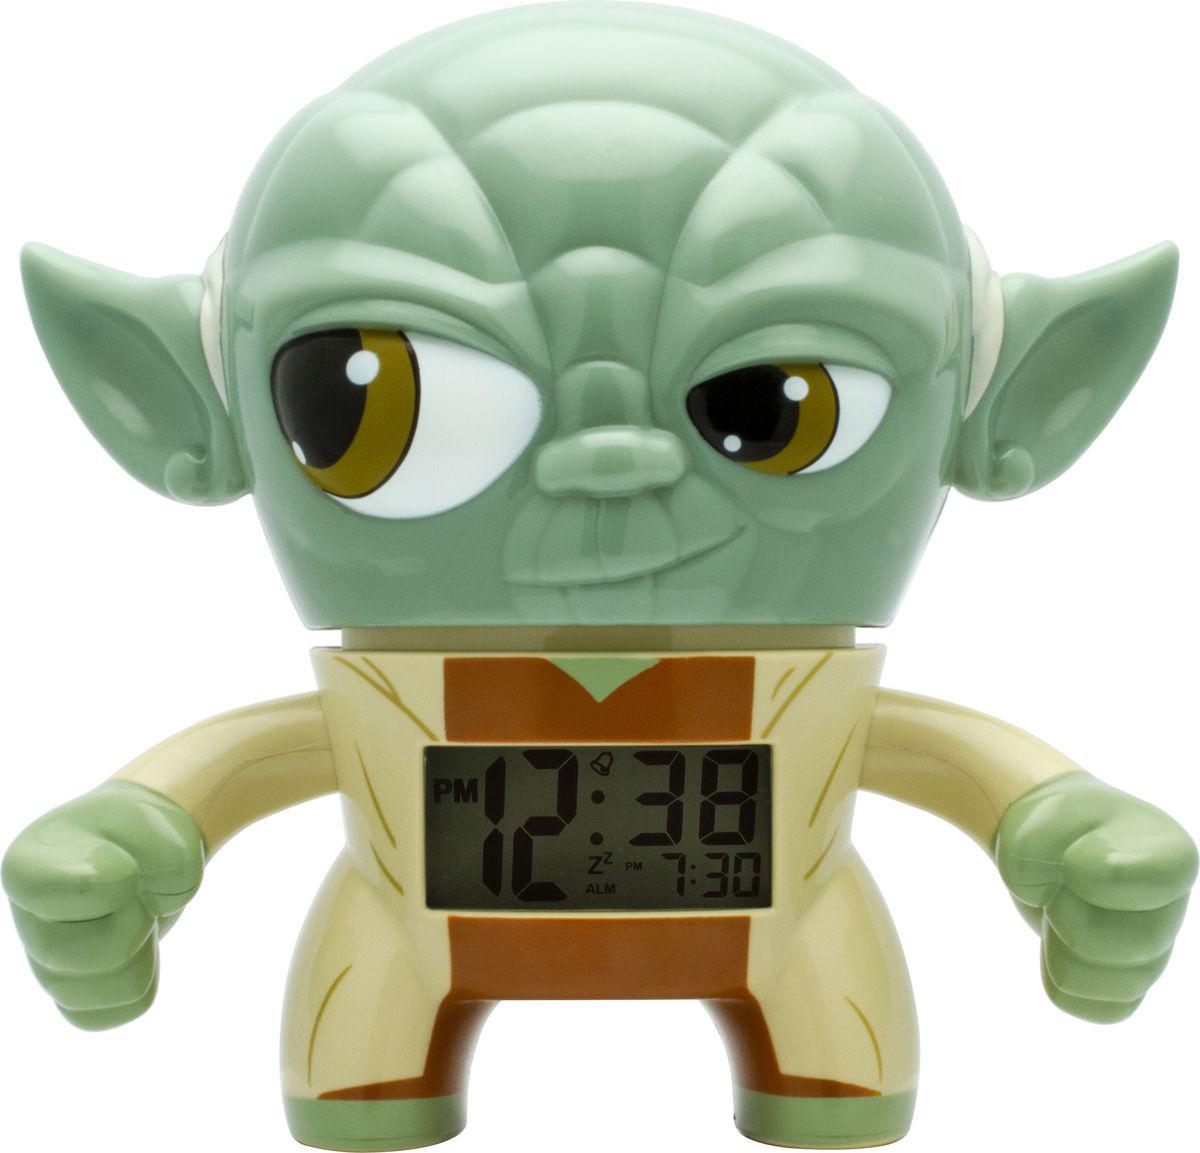 """Детский будильник Yoda станет прекрасным подарком для юных поклонников фильма """"Звездные войны. Будильник создан в виде знаменитого  героя, а по форме напоминает лампу накаливания. Он оснащен цифровым дисплеем с подсветкой и функцией отсрочки звукового сигнала. Чтобы  включить или выключить будильник, нужно нажать на голову минифигуры, которая также подсвечивается! В комплект к будильнику входят две  батарейки (ААА). Не рекомендуется использовать детям младше 6-ти лет."""